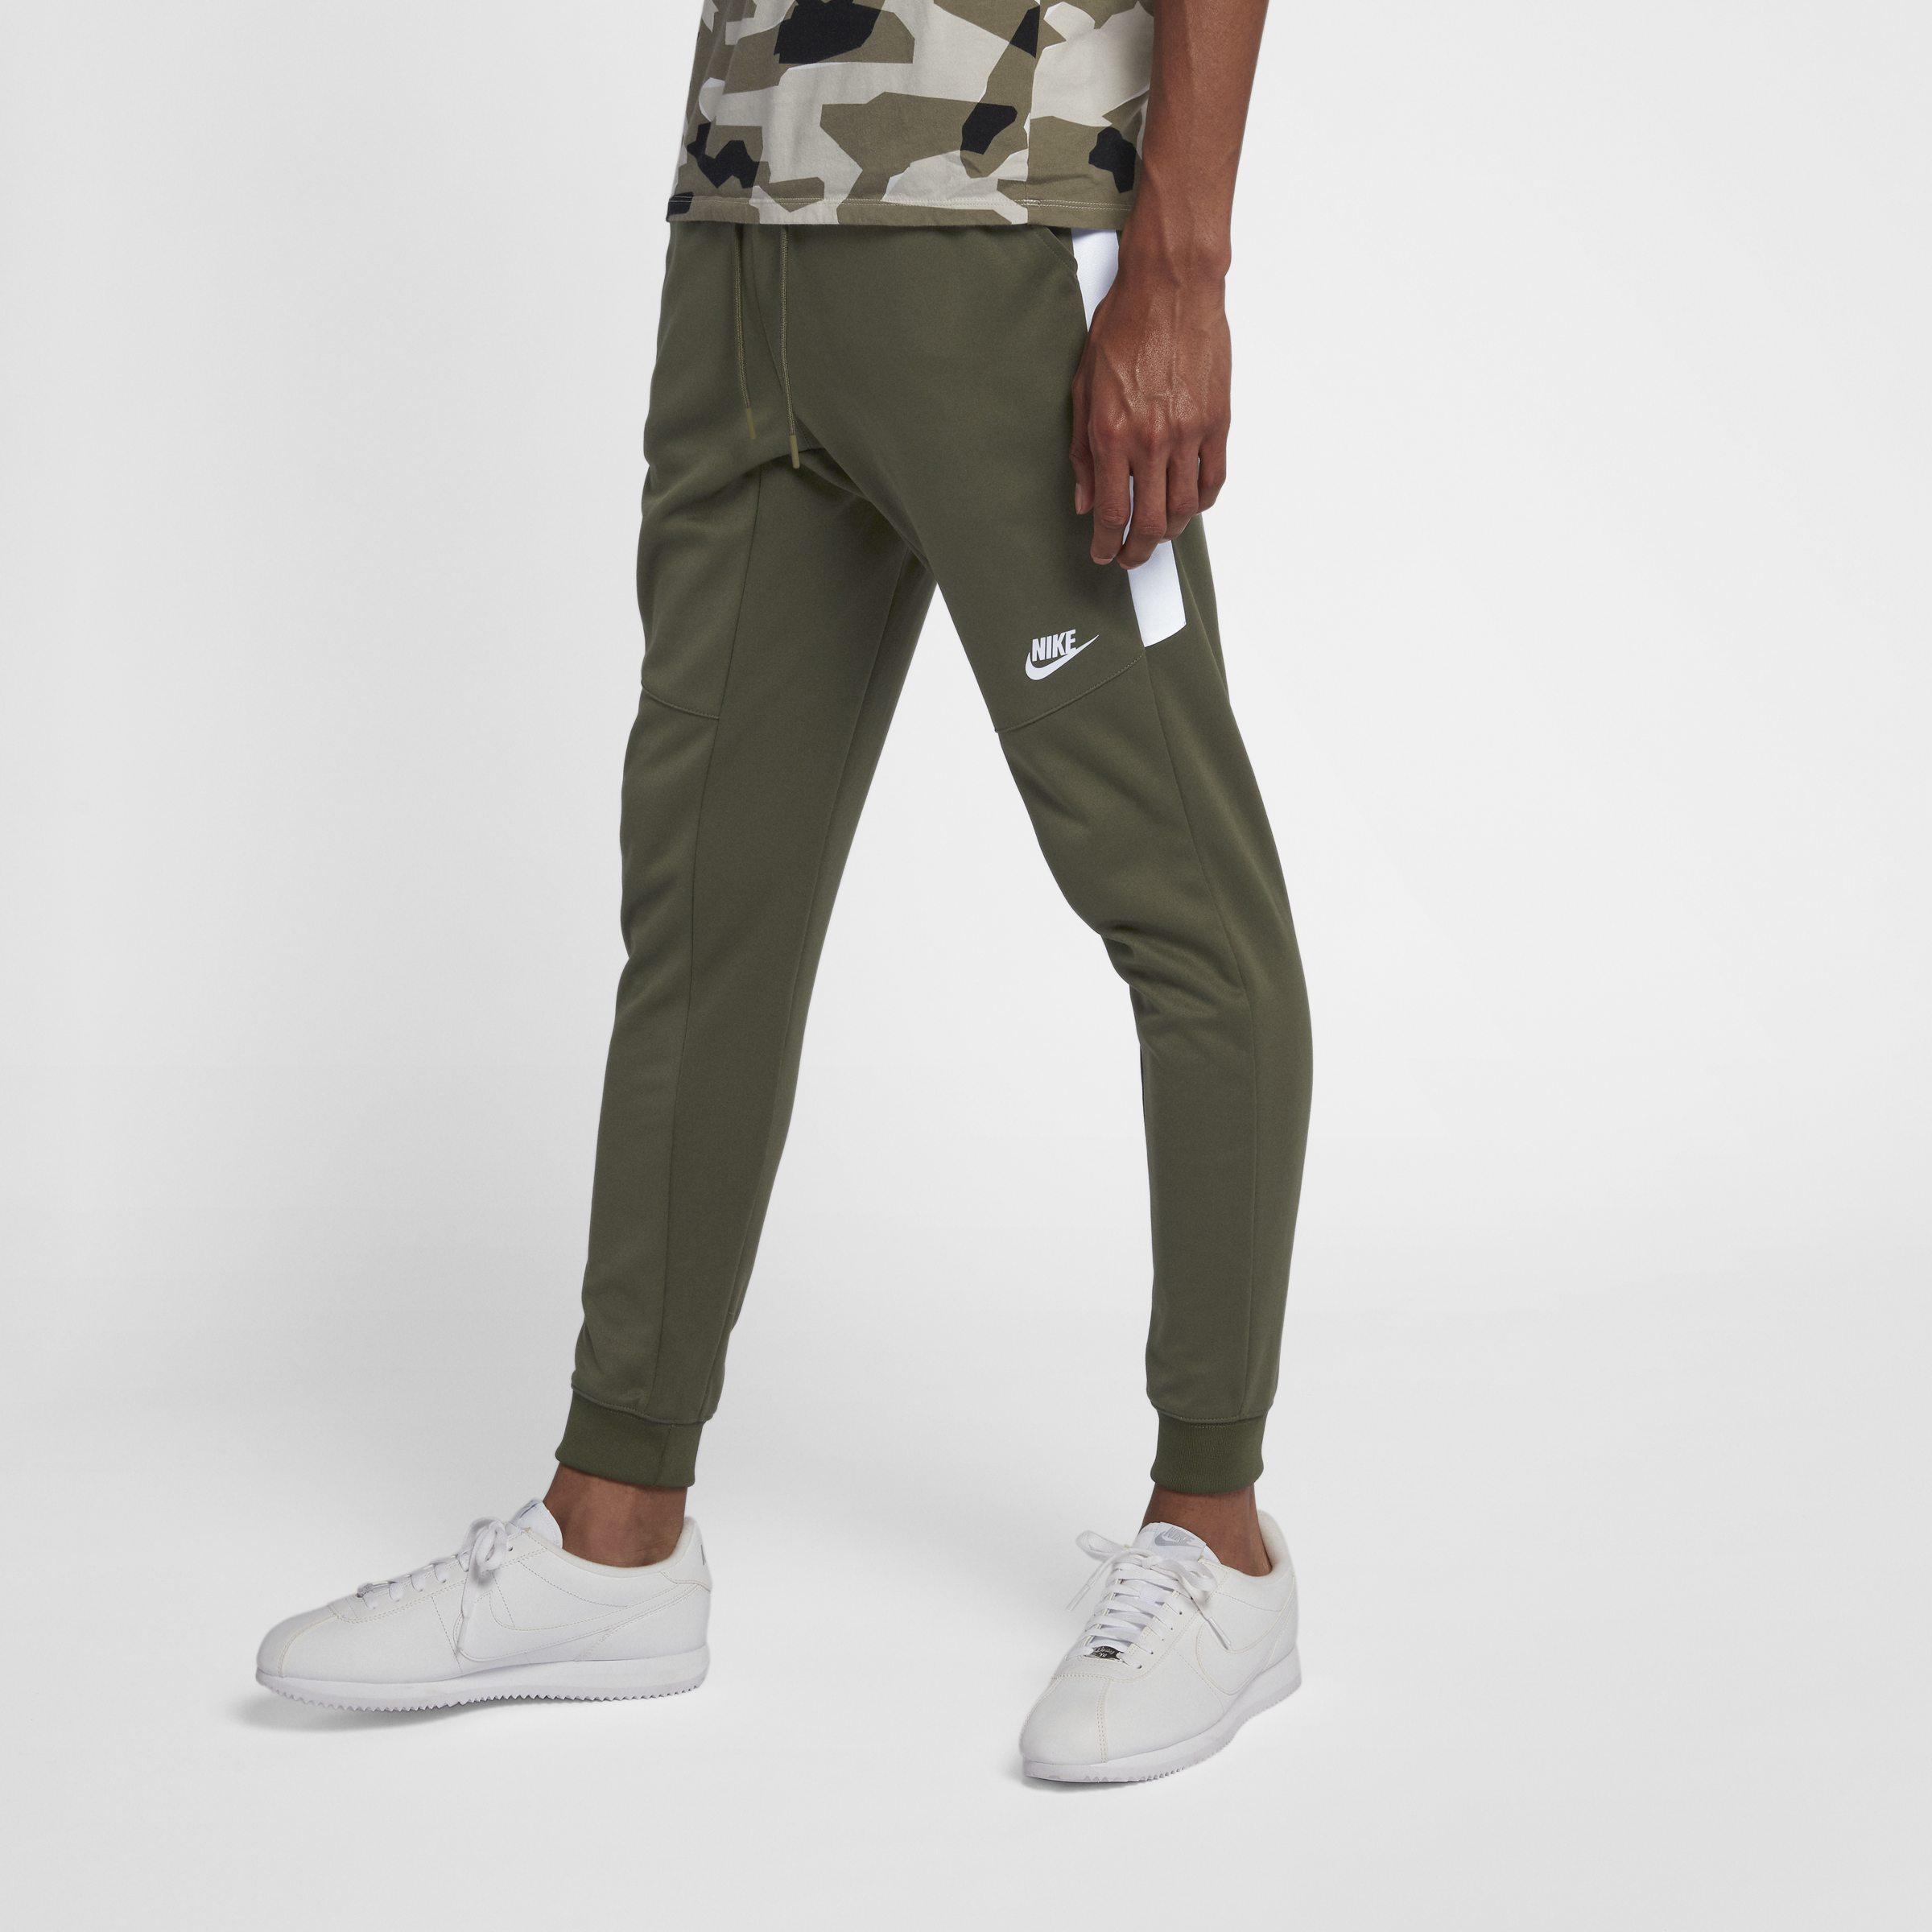 ecccb2c2d02876 Nike Sportswear Joggers in Green for Men - Lyst